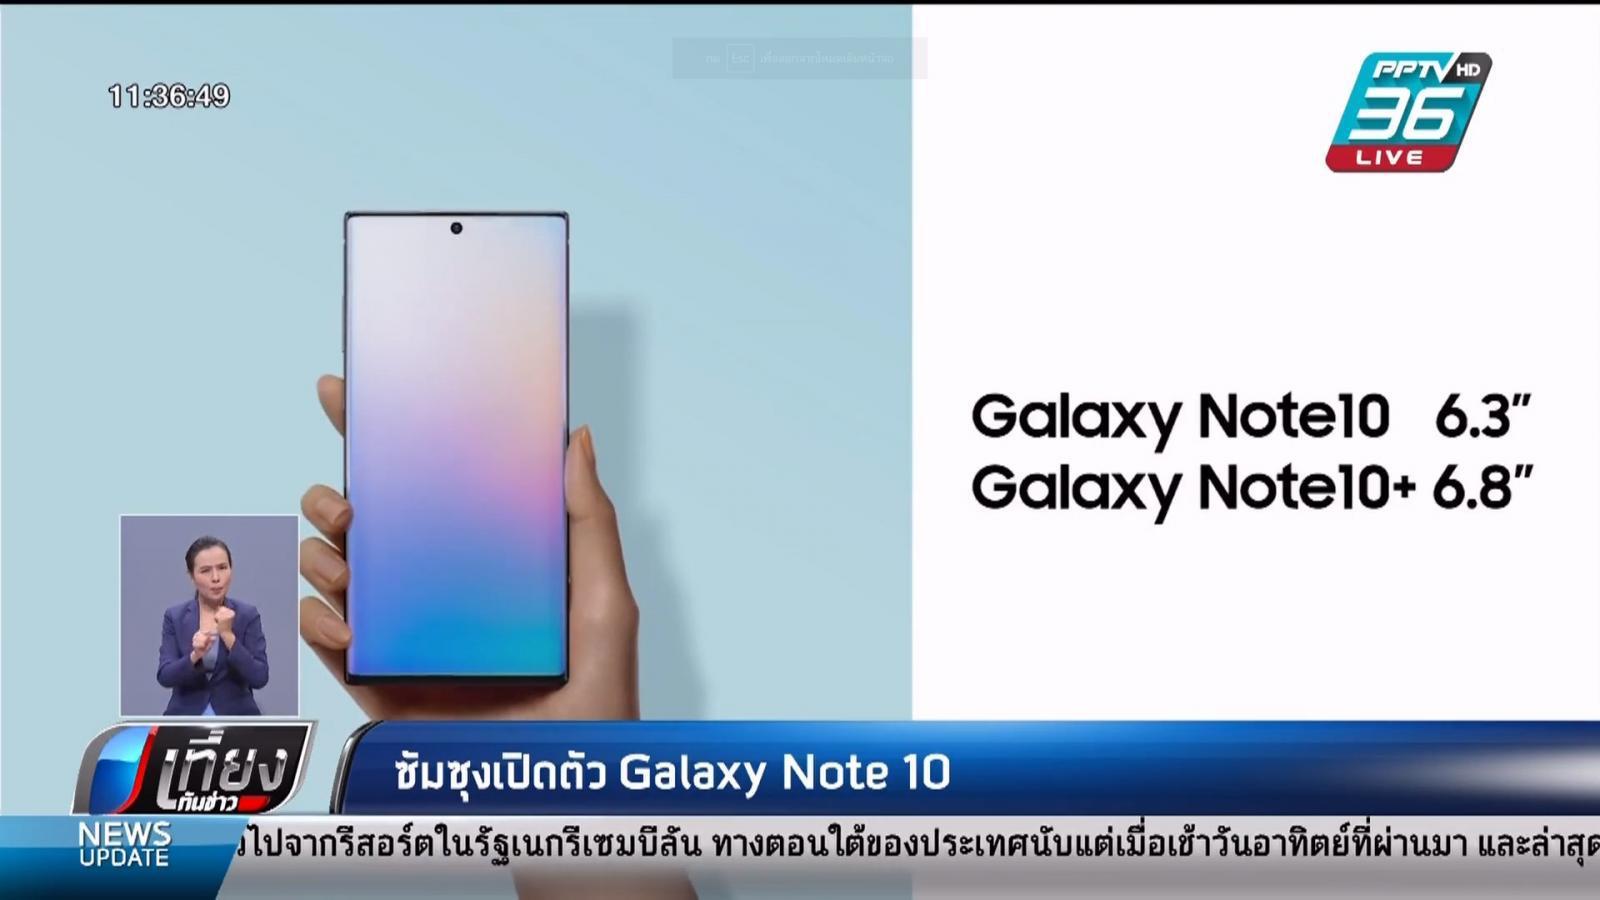 ซัมซุงเปิดตัว Galaxy Note 10 สุดยอดสมาร์ทโฟนทรงพลัง มาพร้อม S Pen